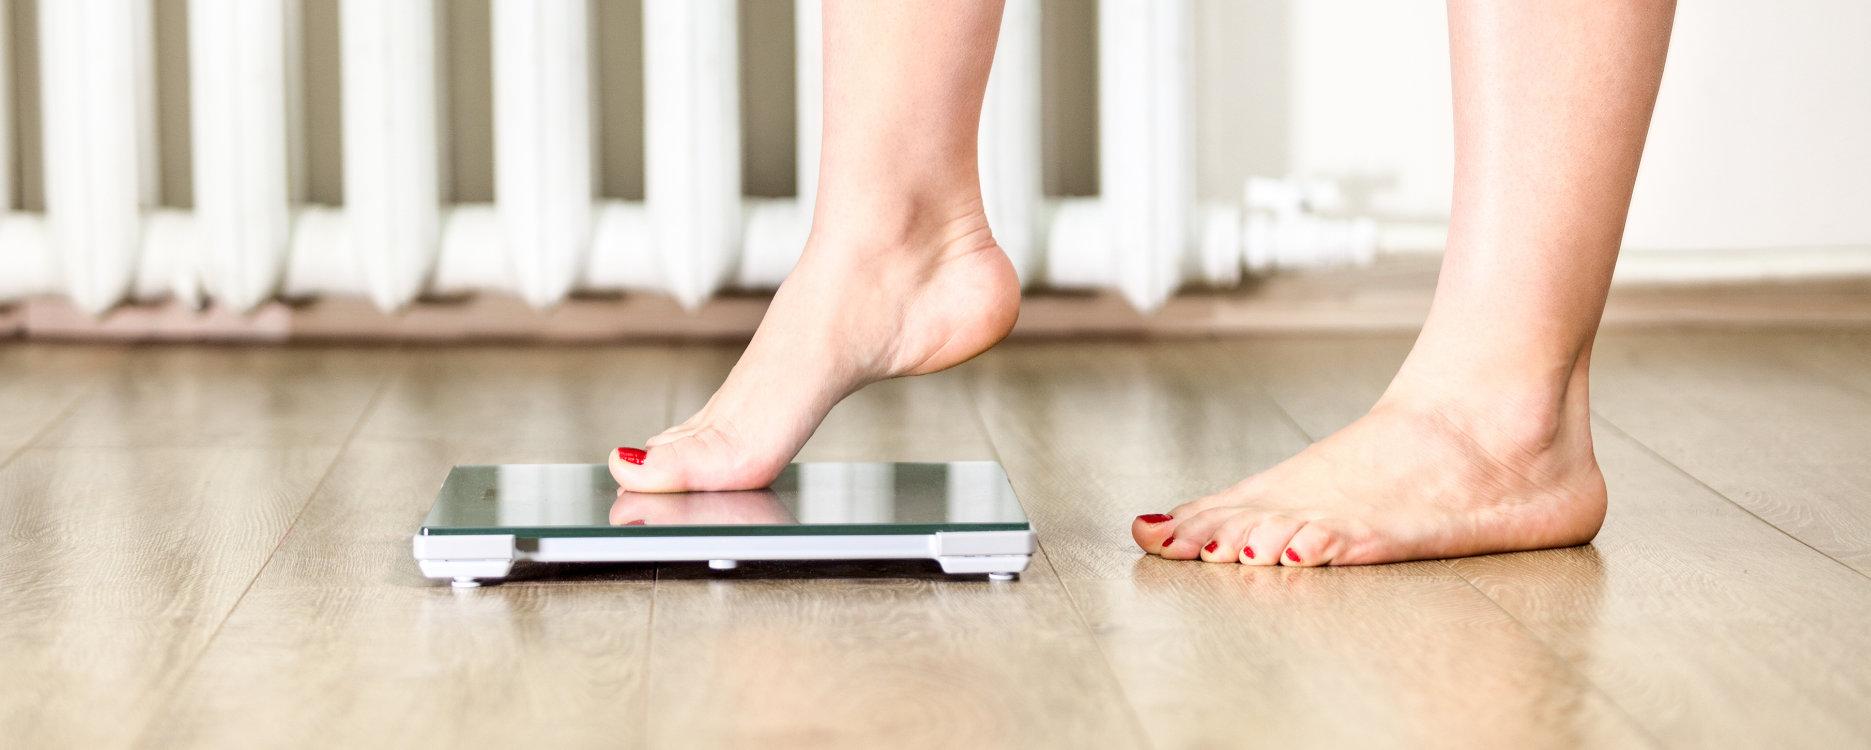 Ménopause et prise de poids